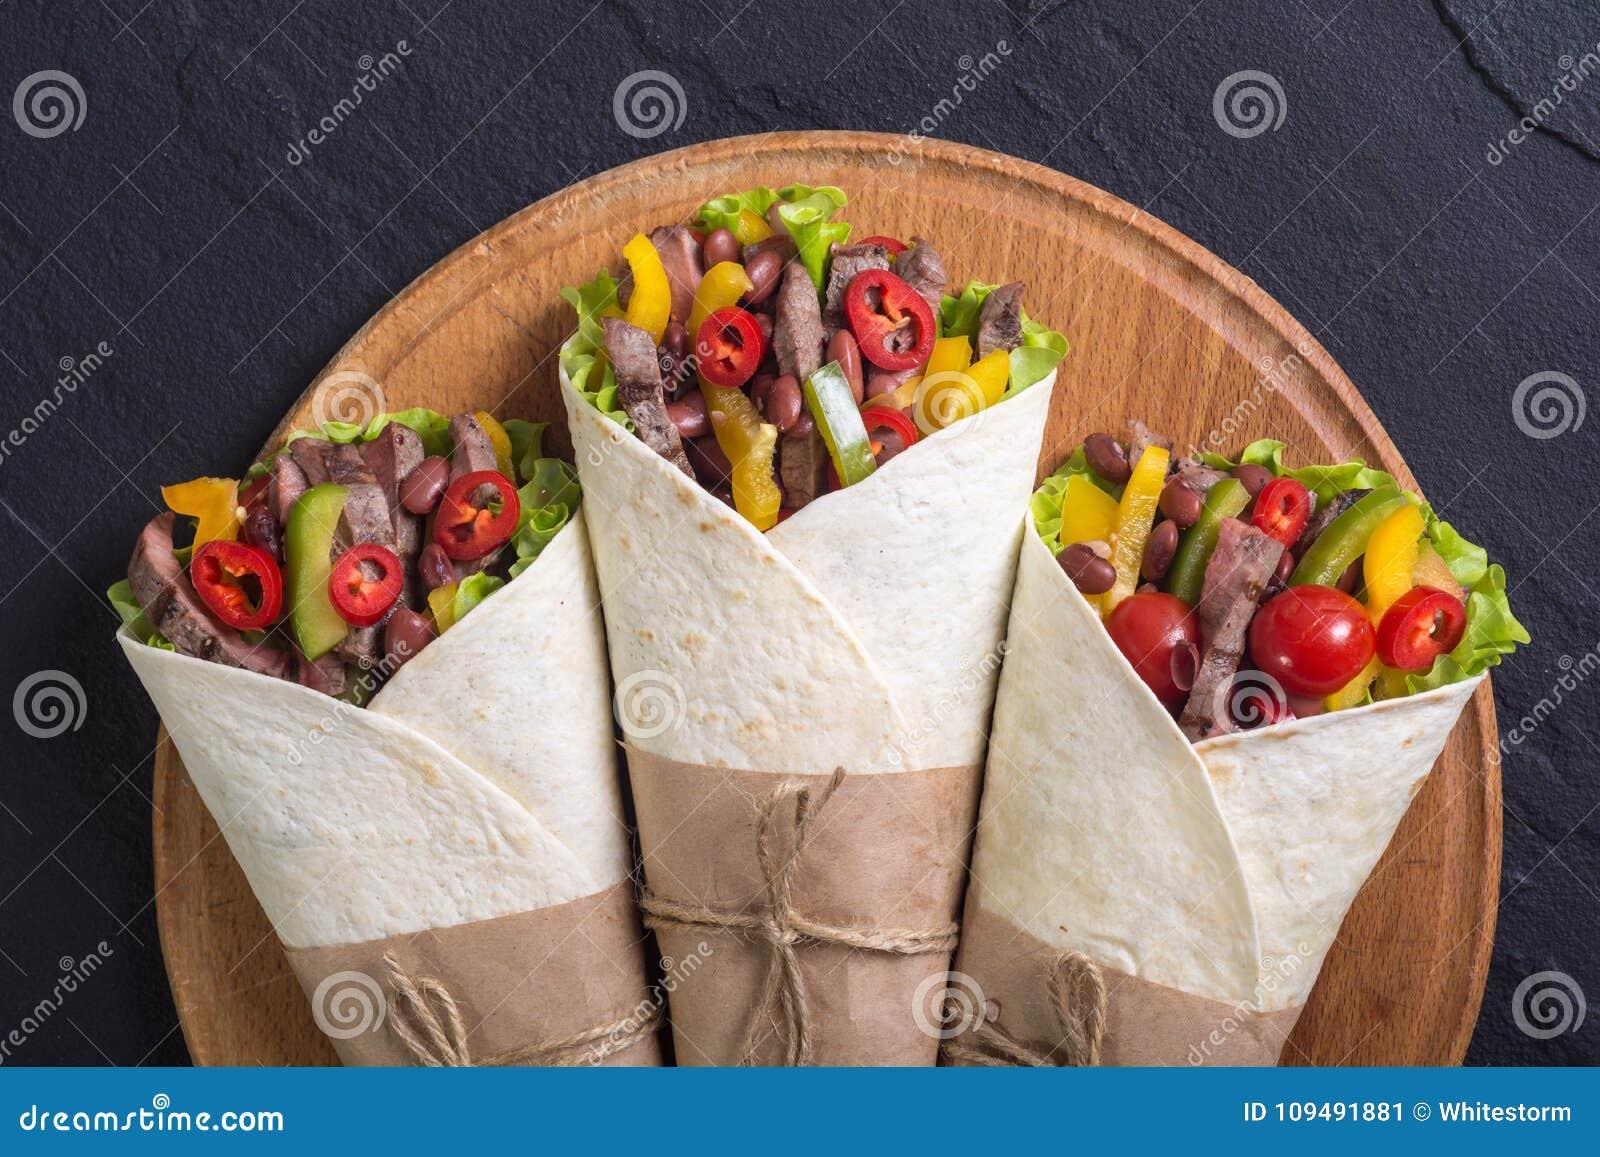 Burrito avec du boeuf